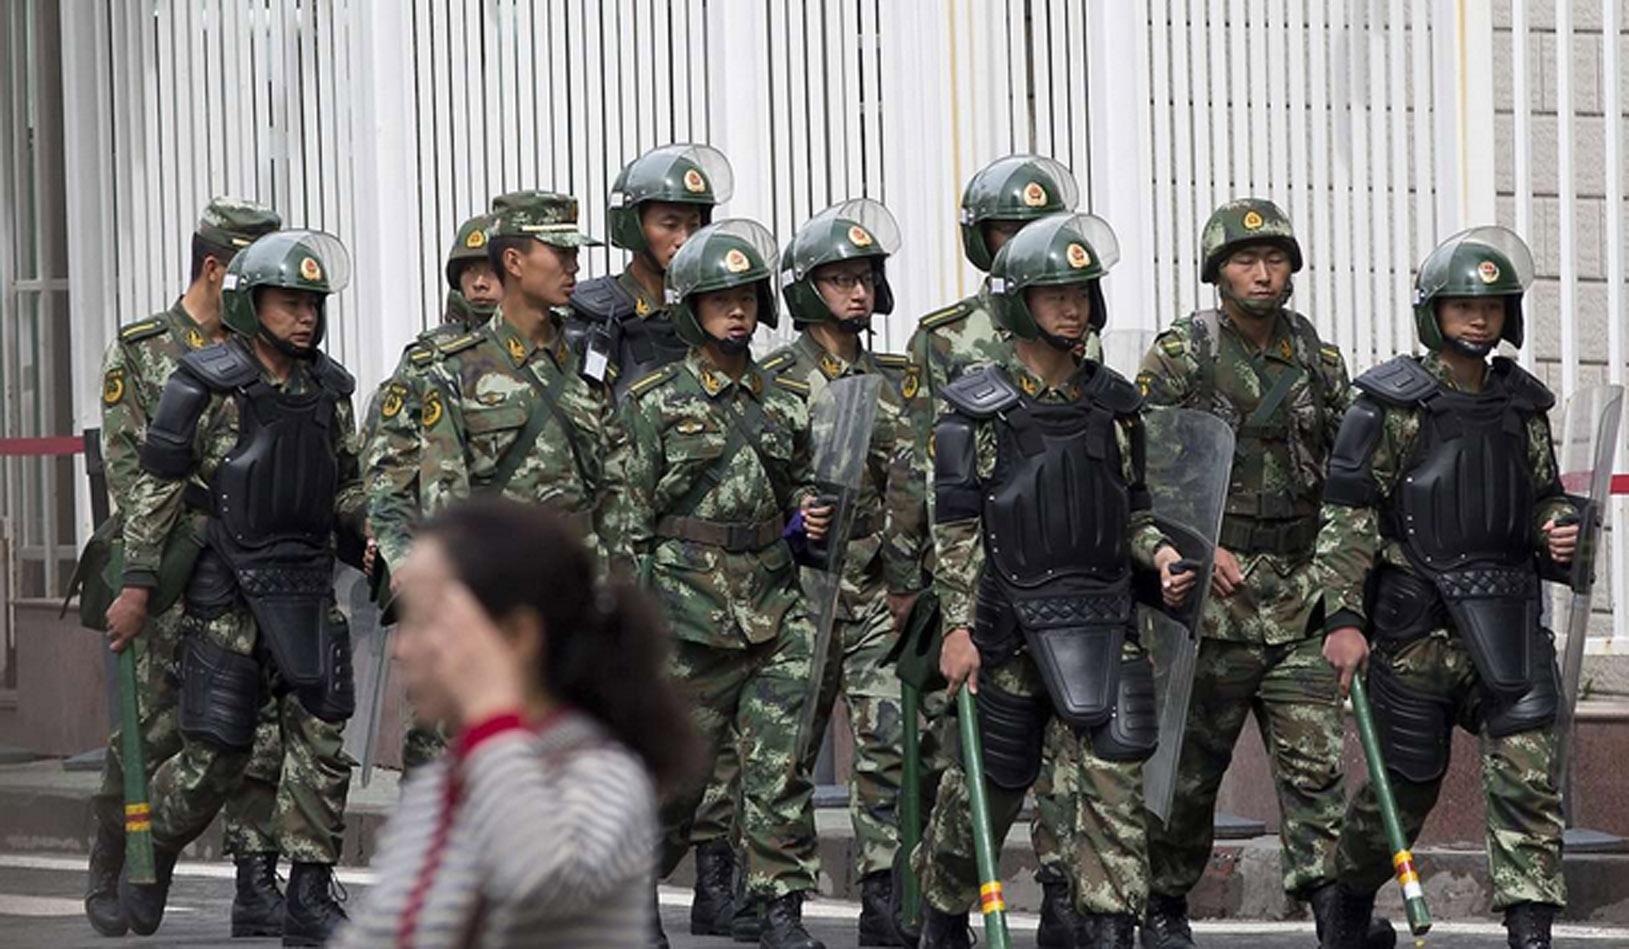 Cảnh sát Trung Cộng xuất hiện khắp nơi ở Tân Cương sau vụ khủng bố